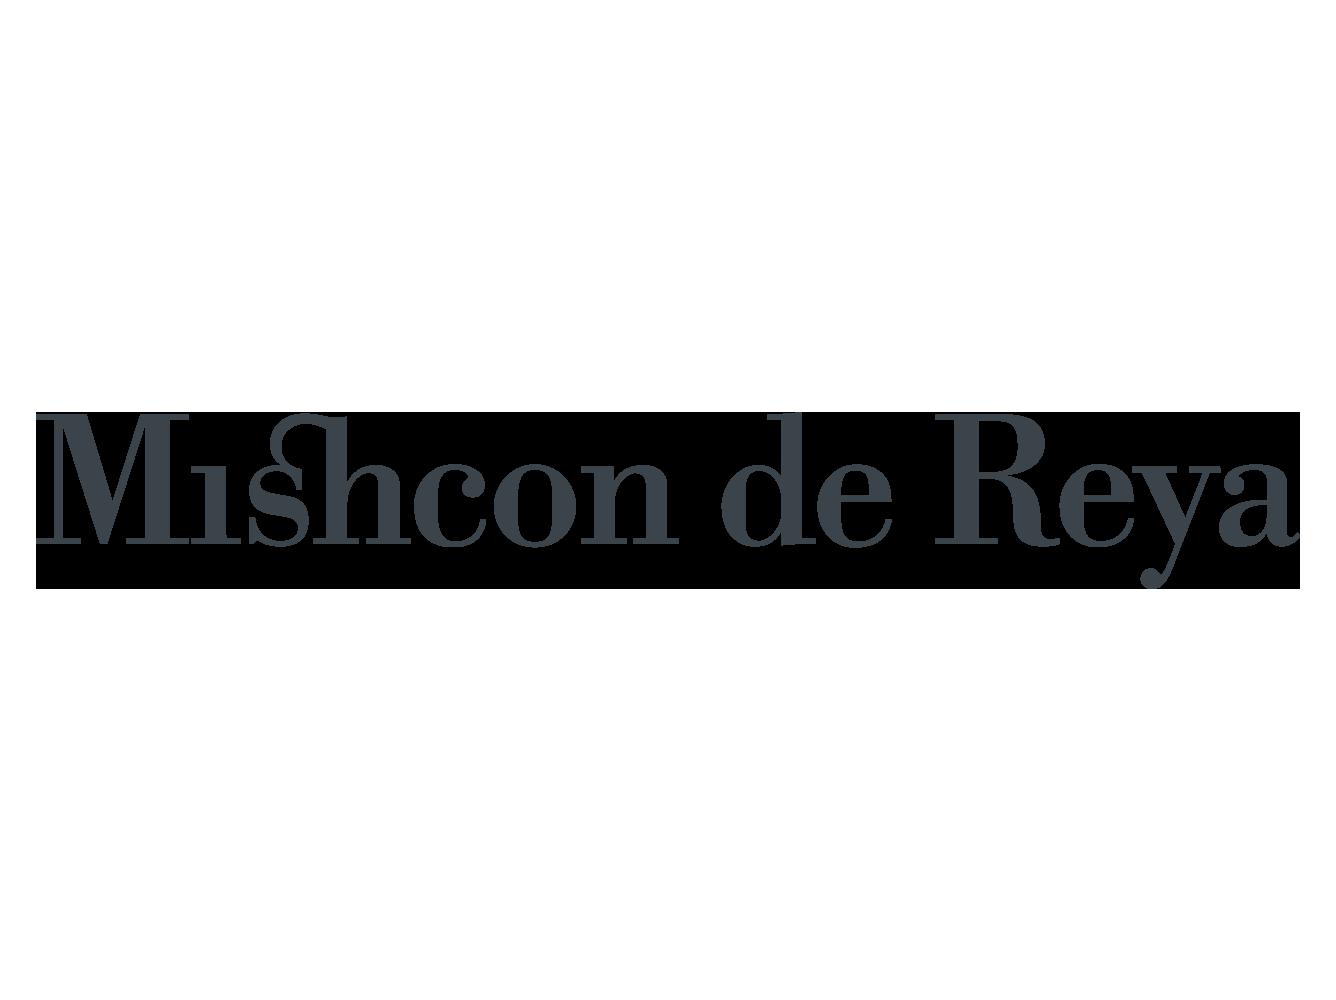 Mischon-de-Reya.png